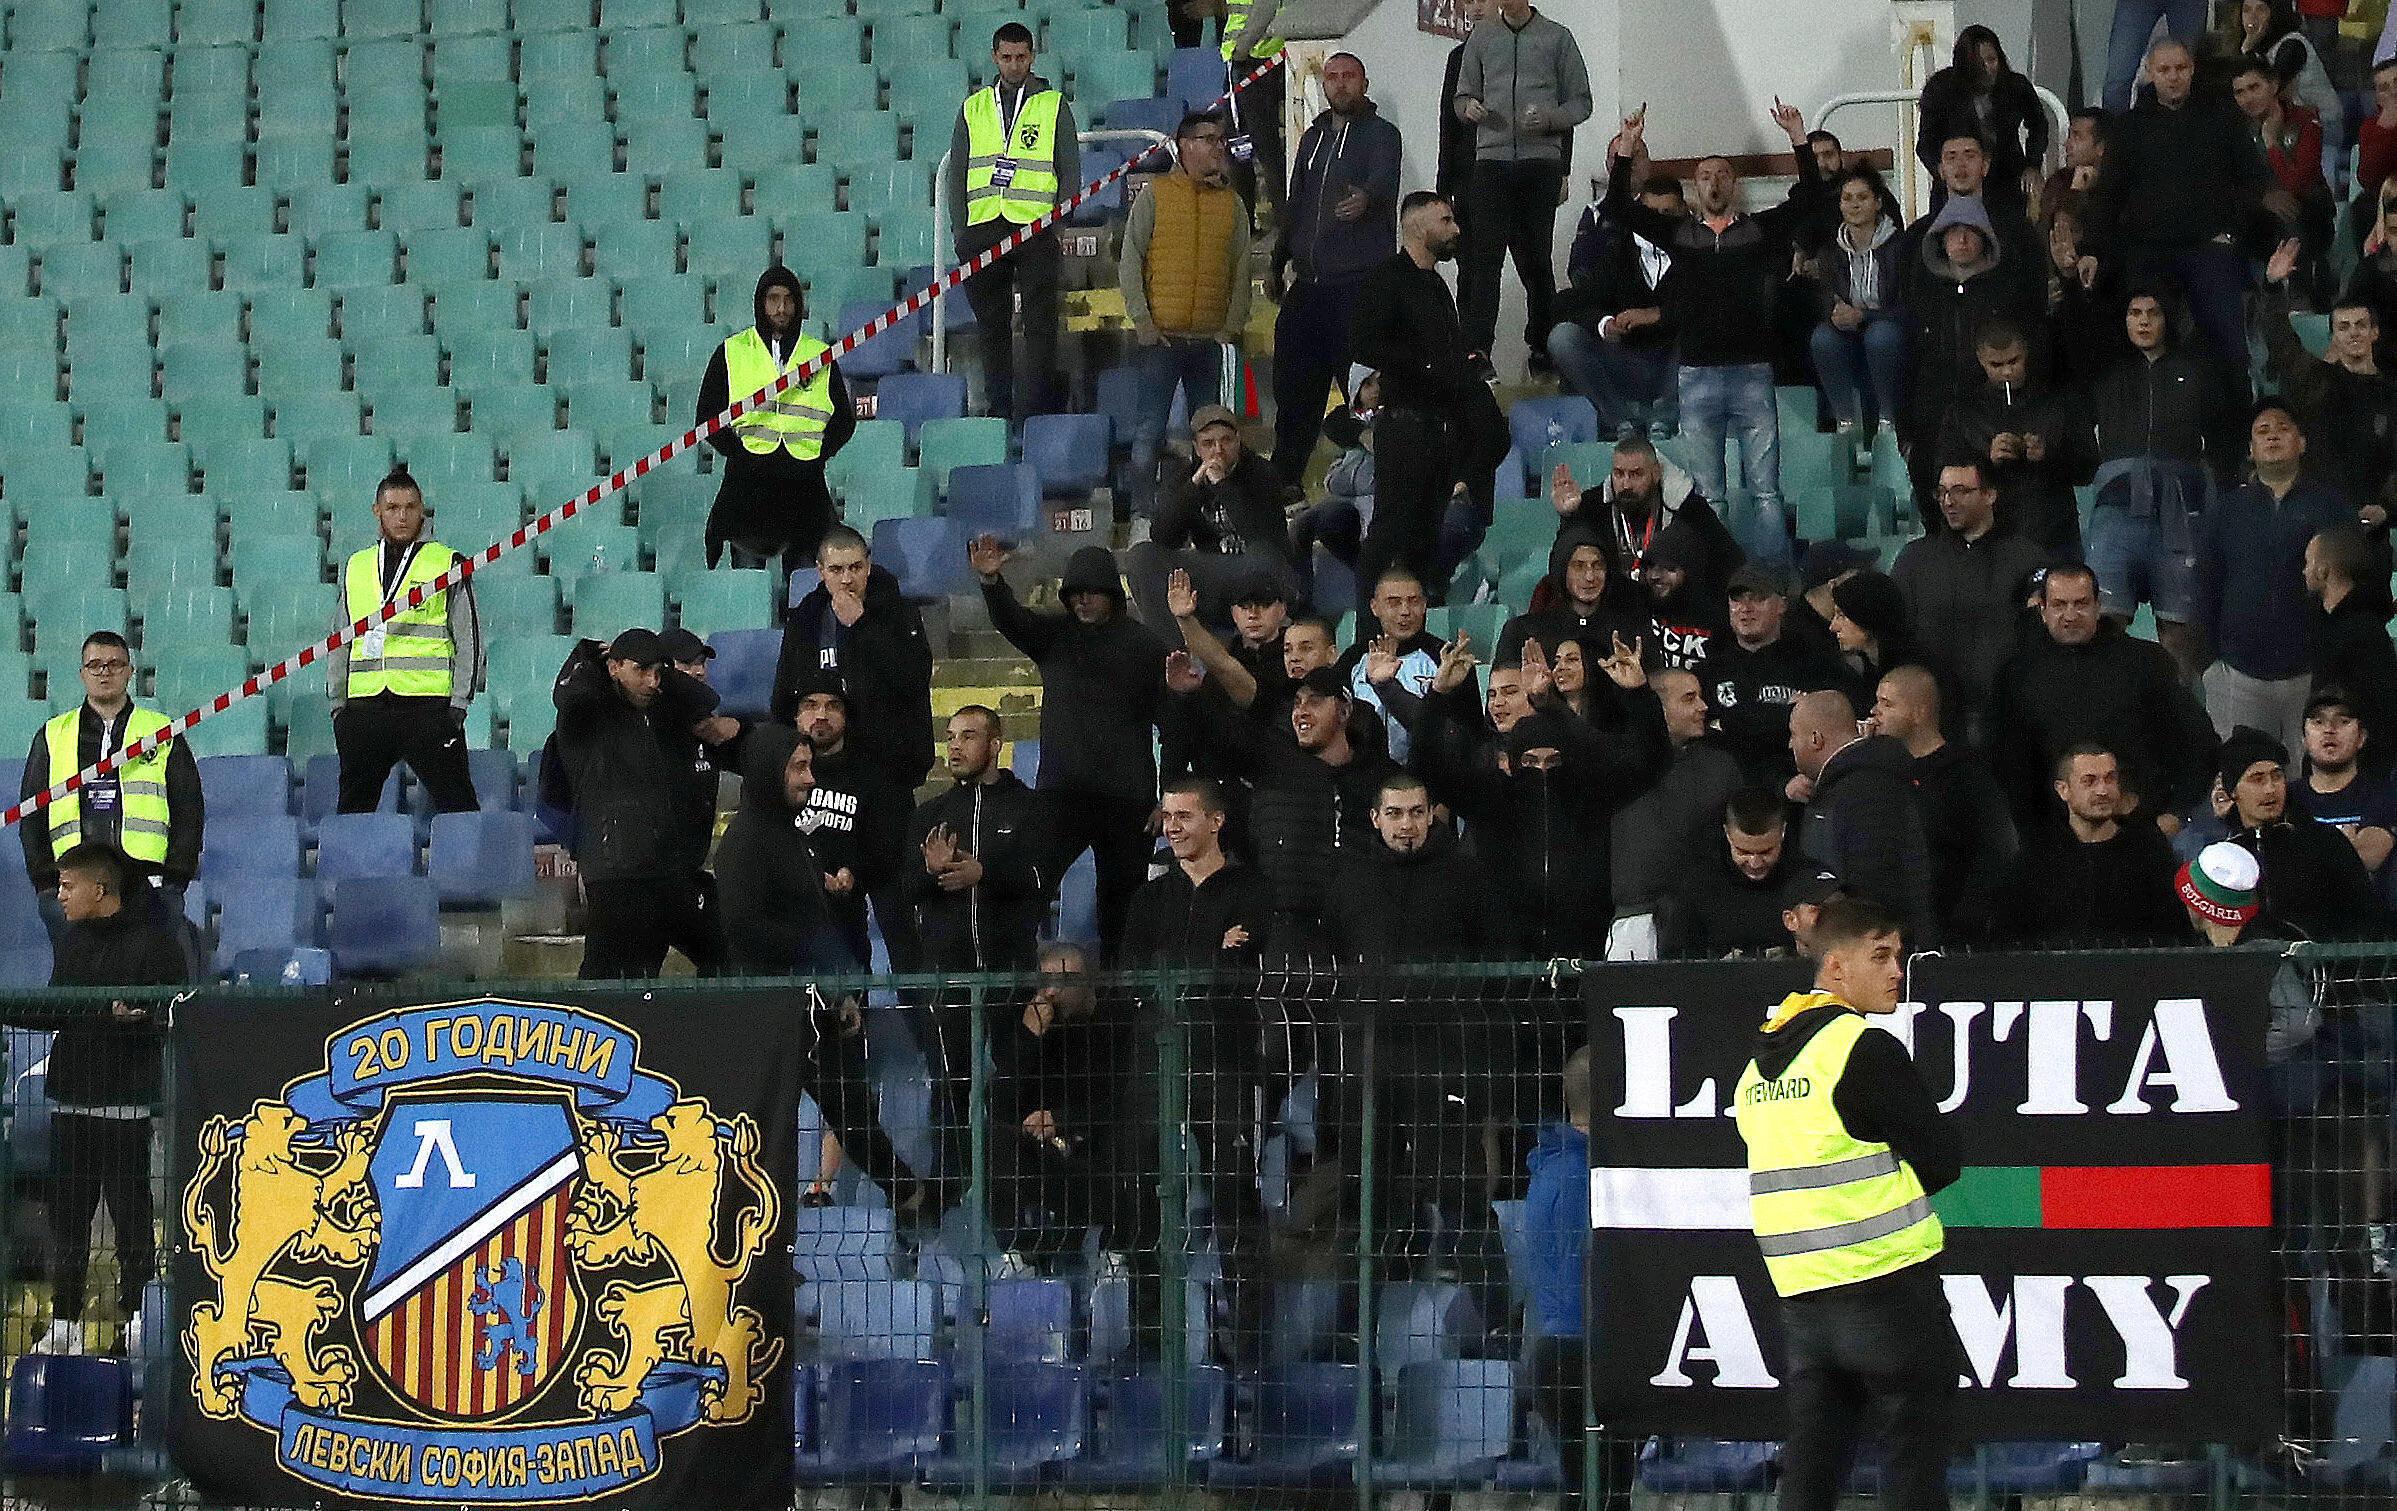 Torcedores vigiados pelos agentes de segurança durante a partida entre Bulgária e Inglaterra pelas eliminatórias da Eurocopa 2020.